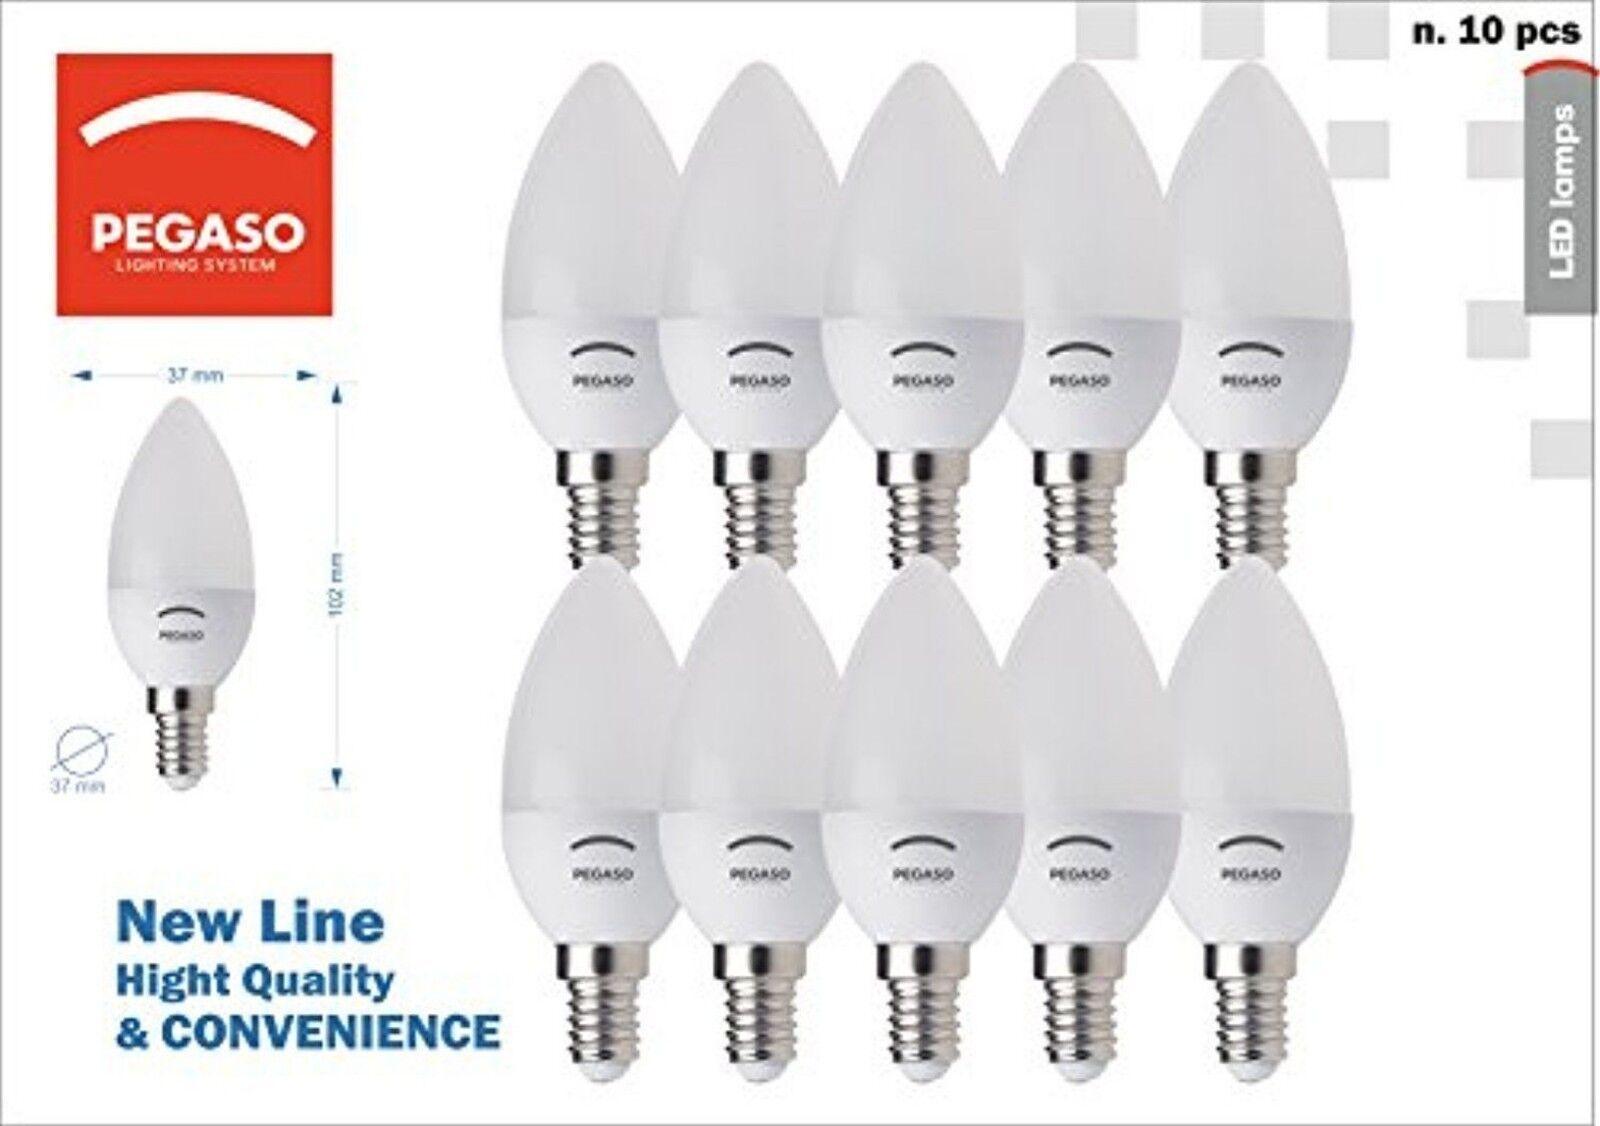 10 lampadine LED Pegaso candela A+ C37 E14 5W 7W luce calda naturale fredda